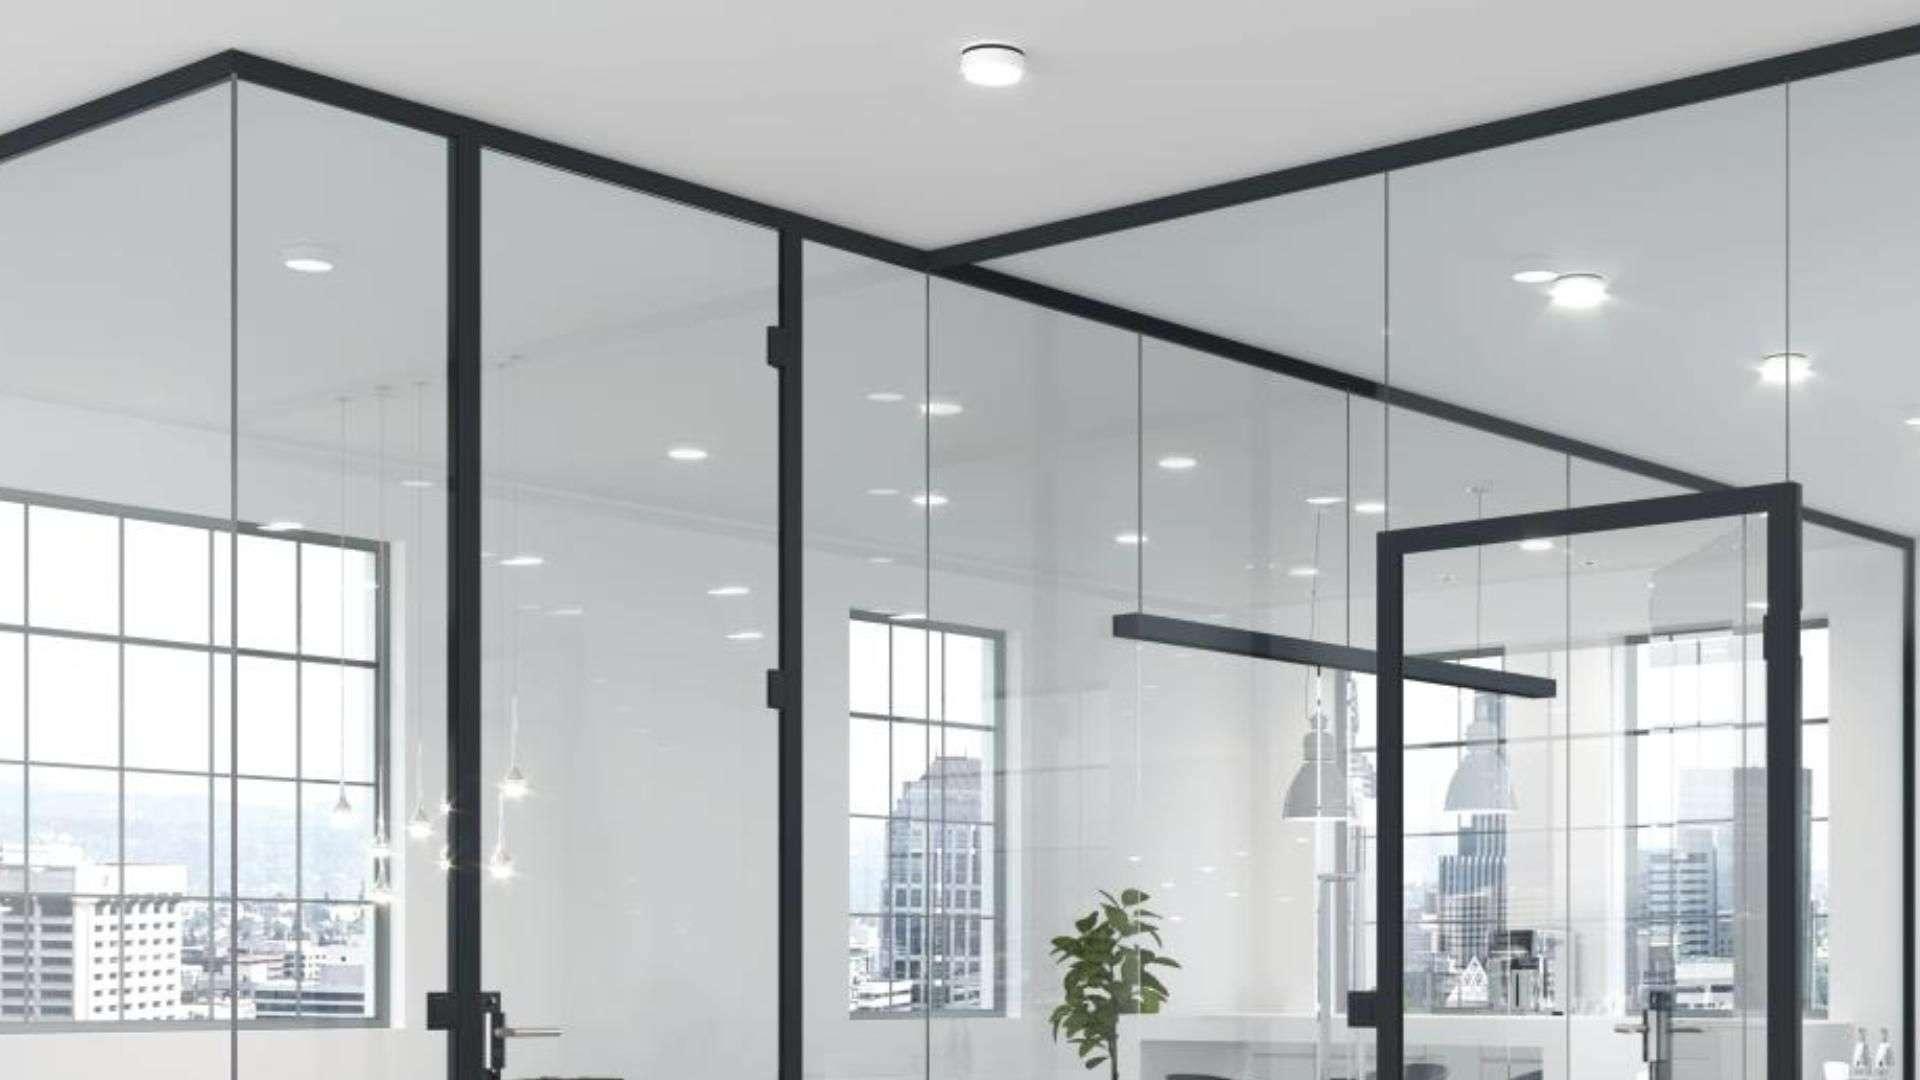 Verglasung in einem Bürogebäude